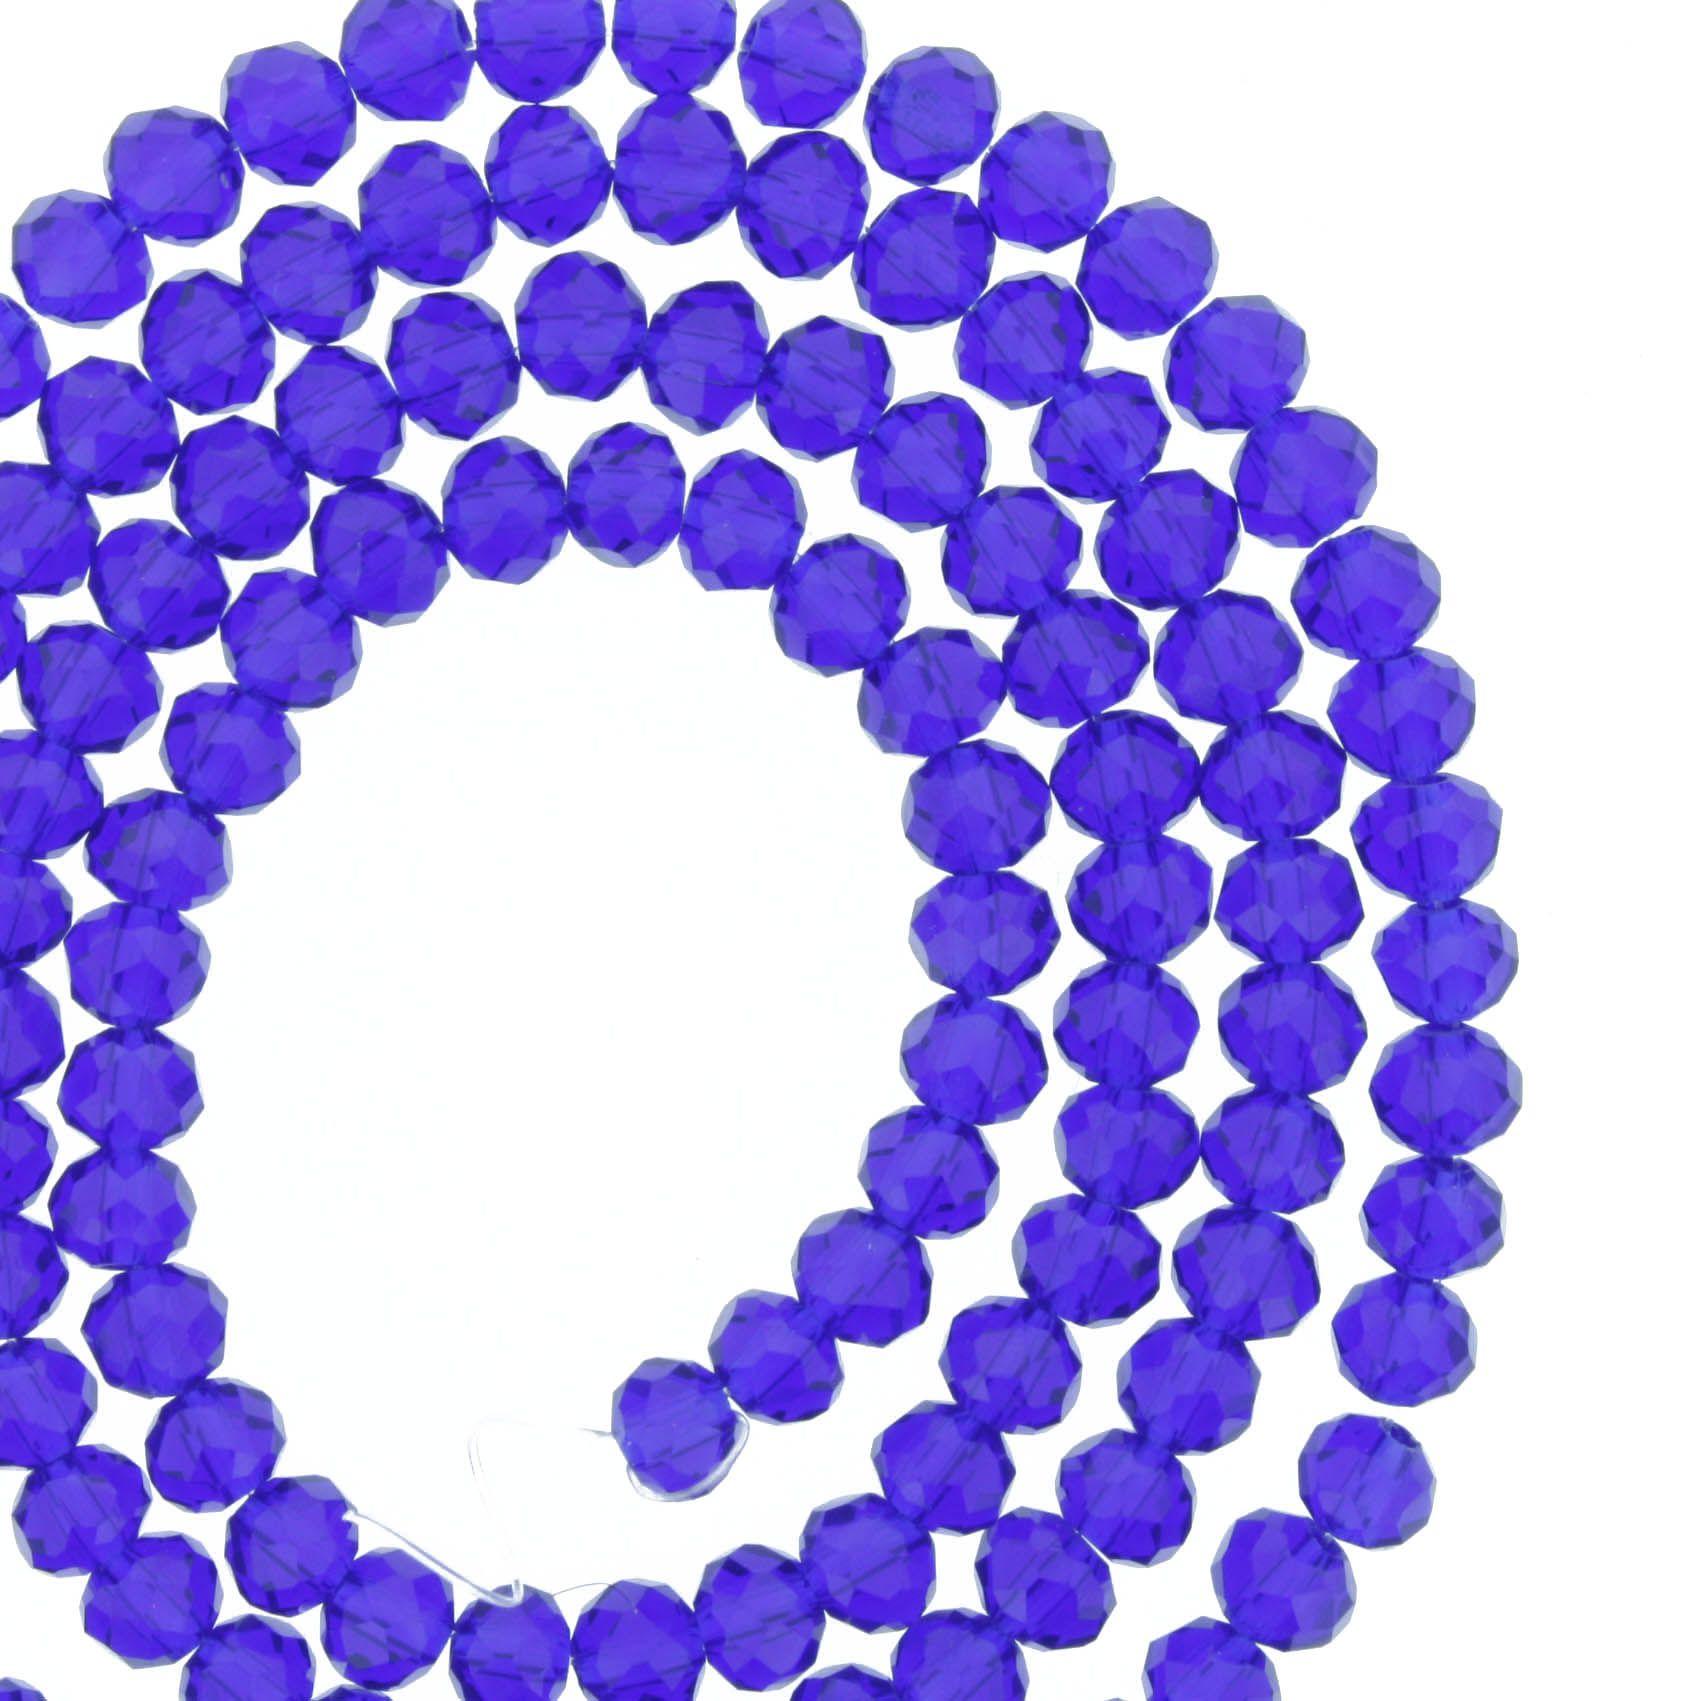 Fio de Cristal - Flat® - Azul Royal Transparente - 4mm  - Stéphanie Bijoux® - Peças para Bijuterias e Artesanato